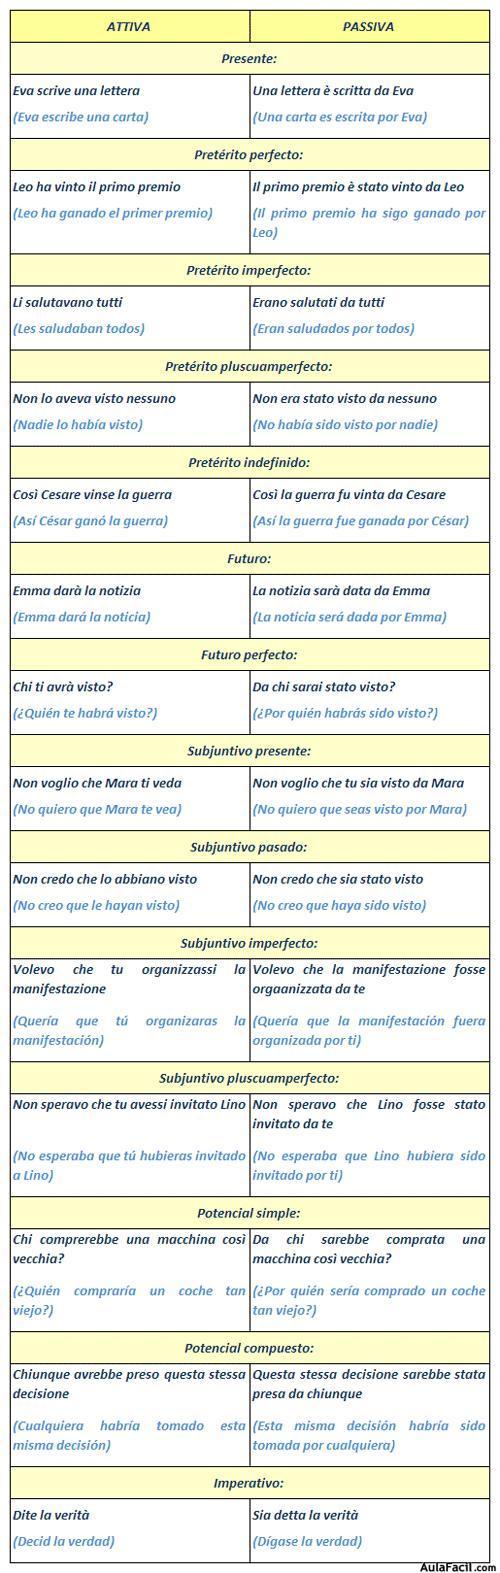 Formacion oración pasiva en italiano